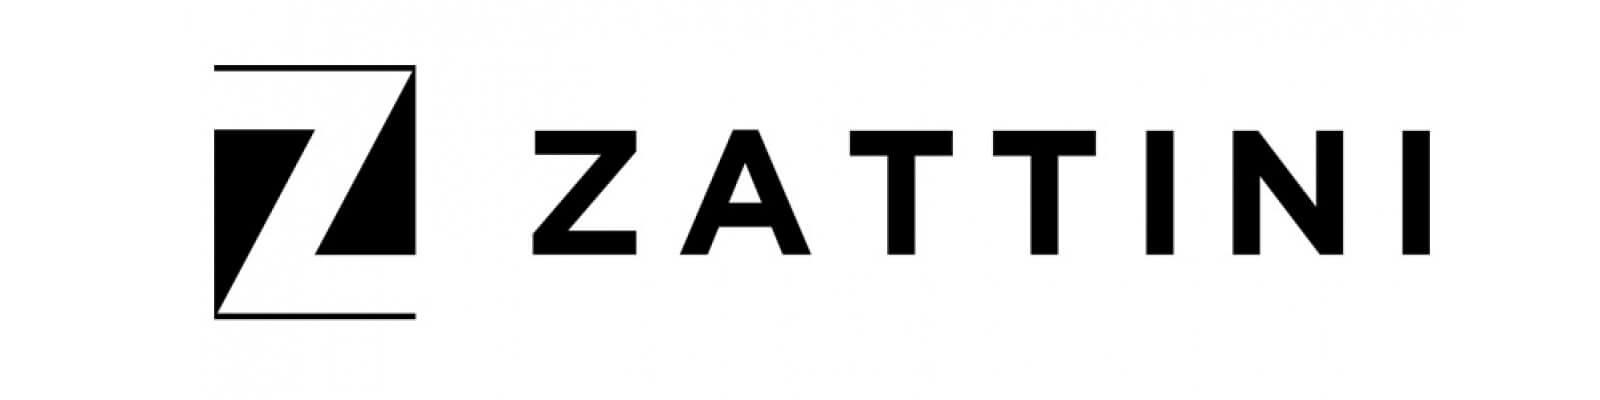 Zattini é confiável e segura? Descubra a verdade